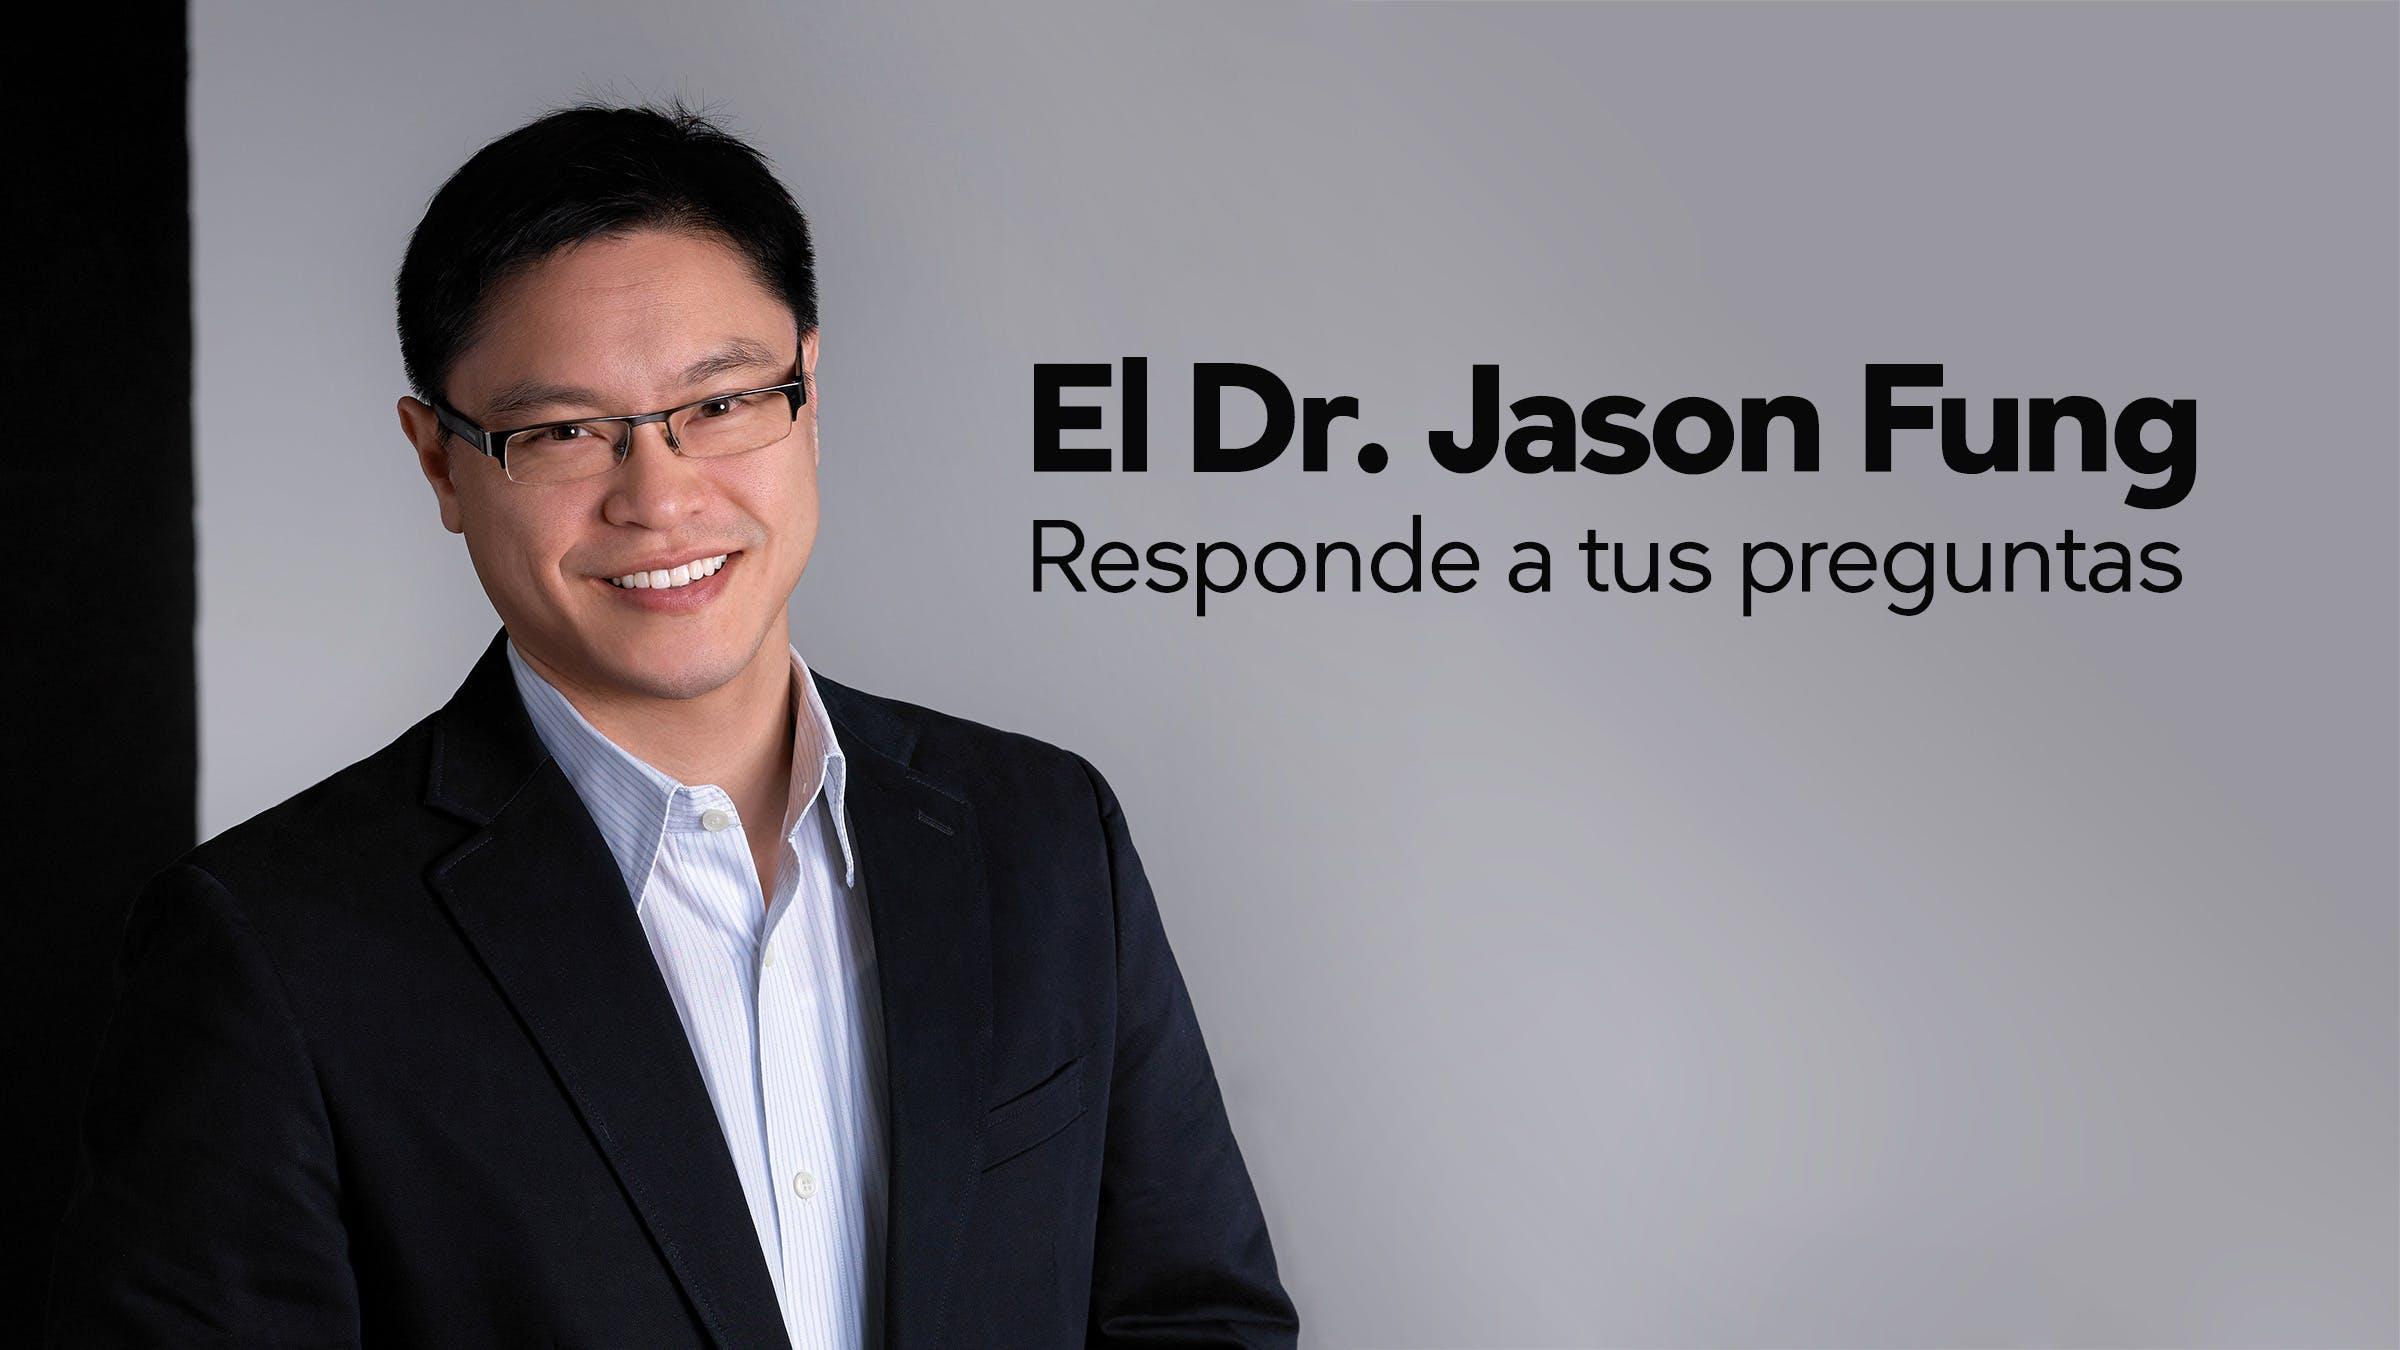 Es Dr. Jason Fung responde